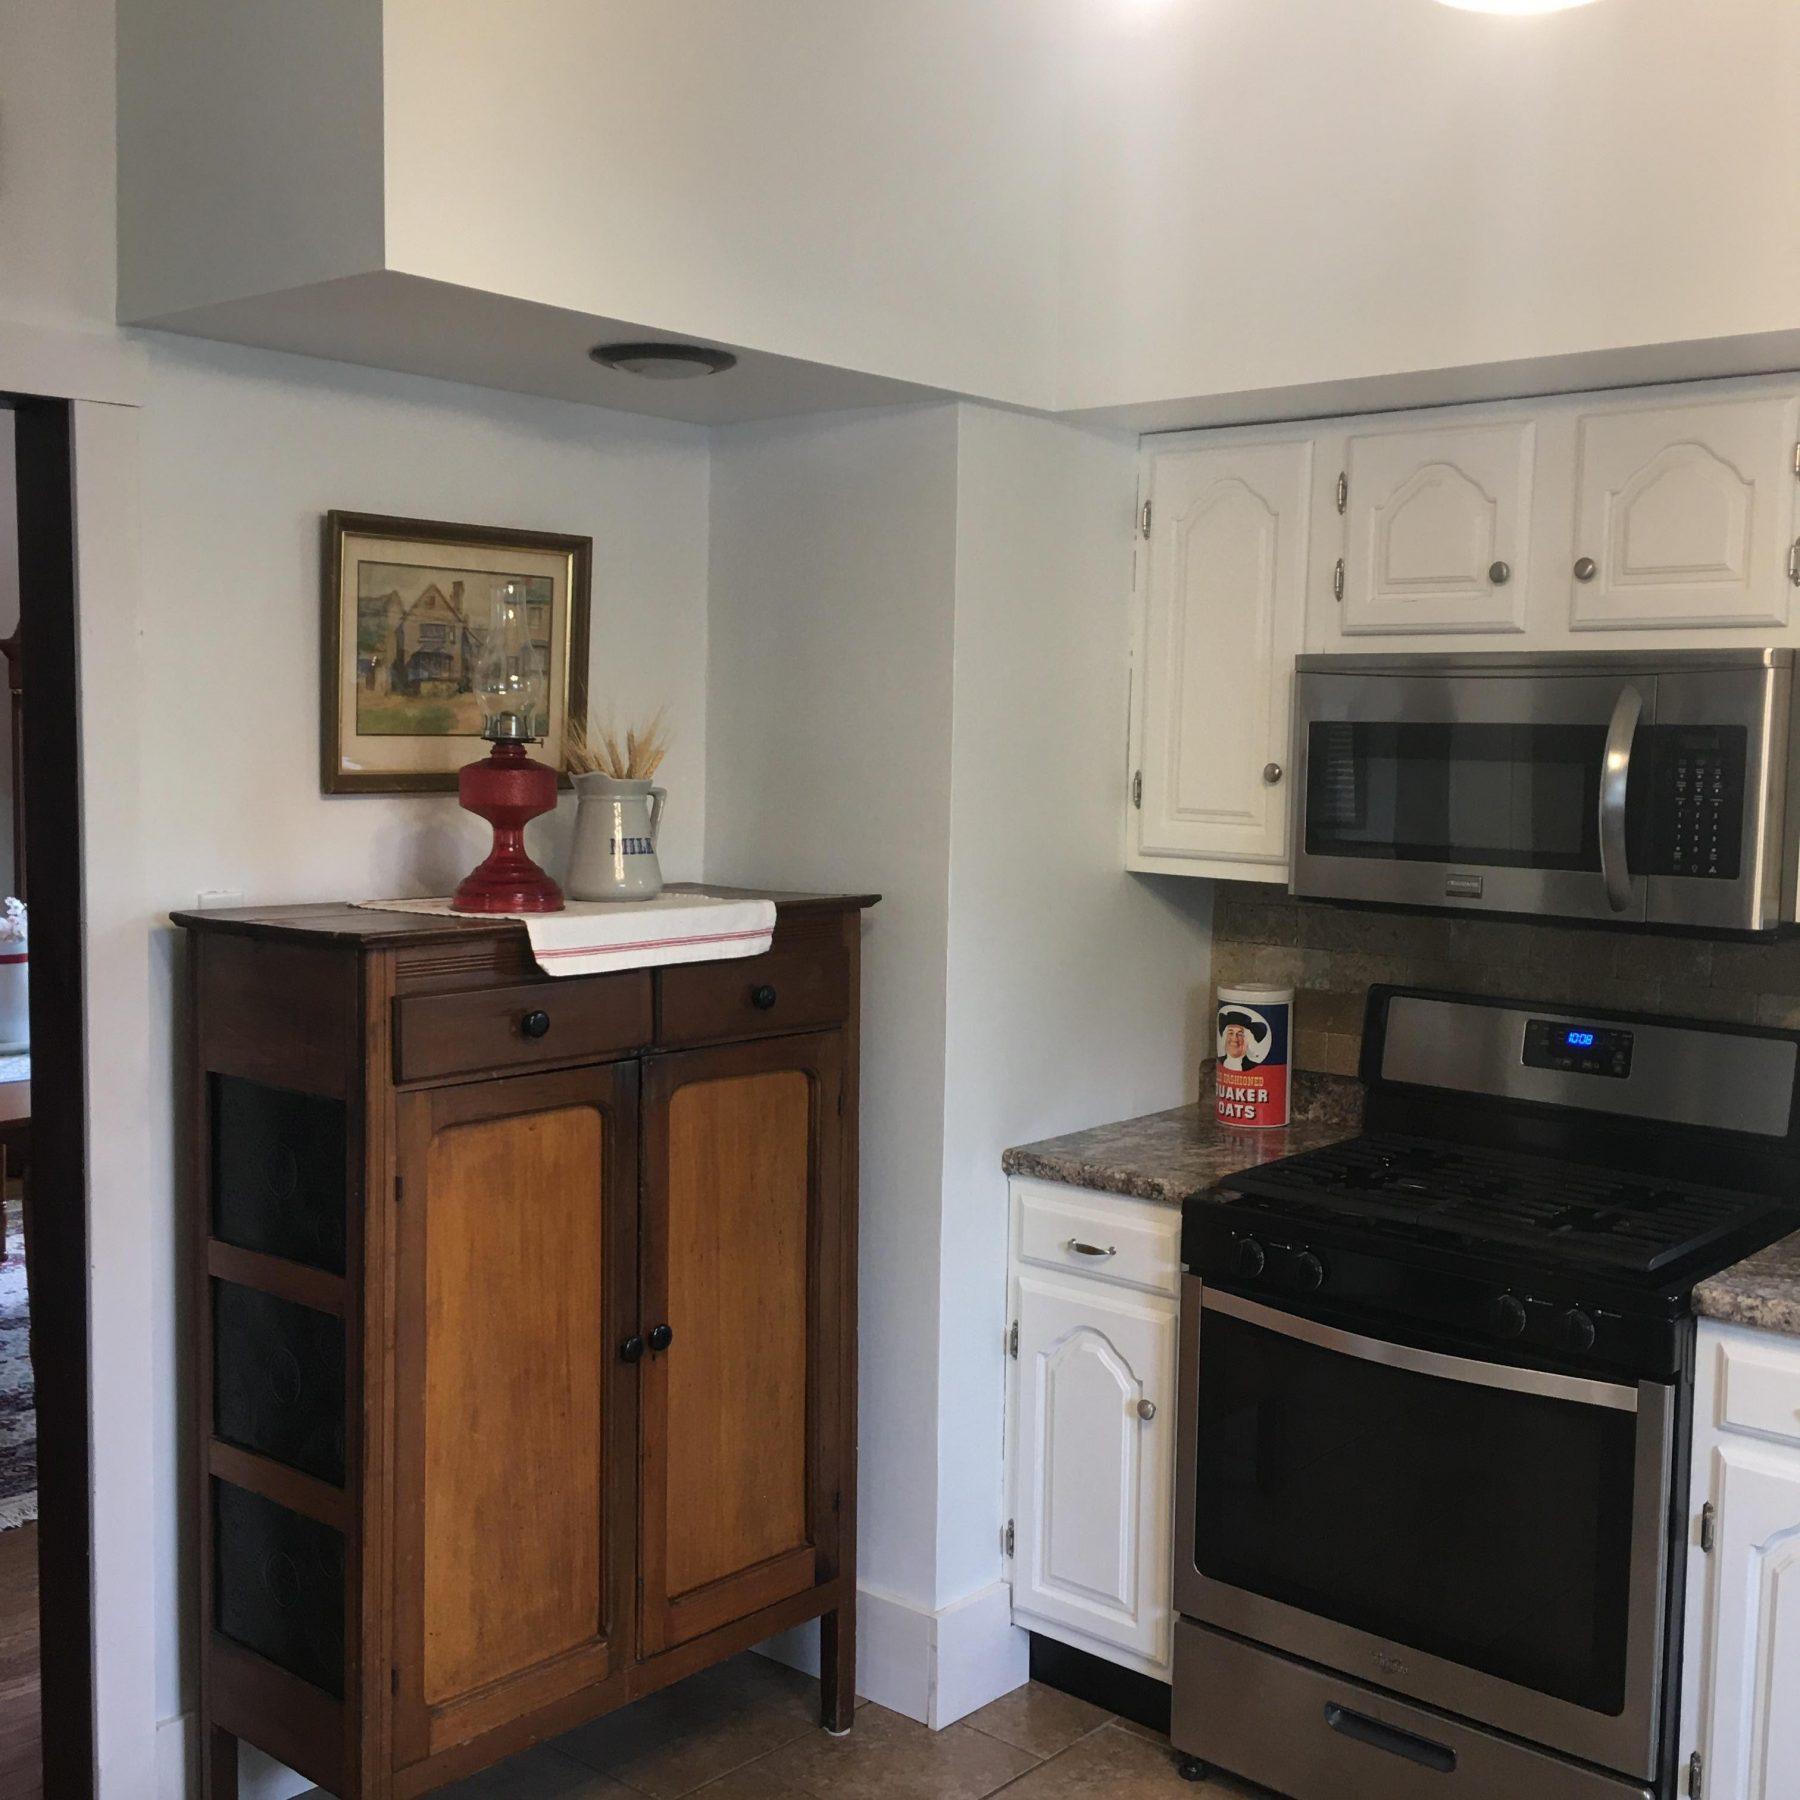 Goodell kitchen pic 3